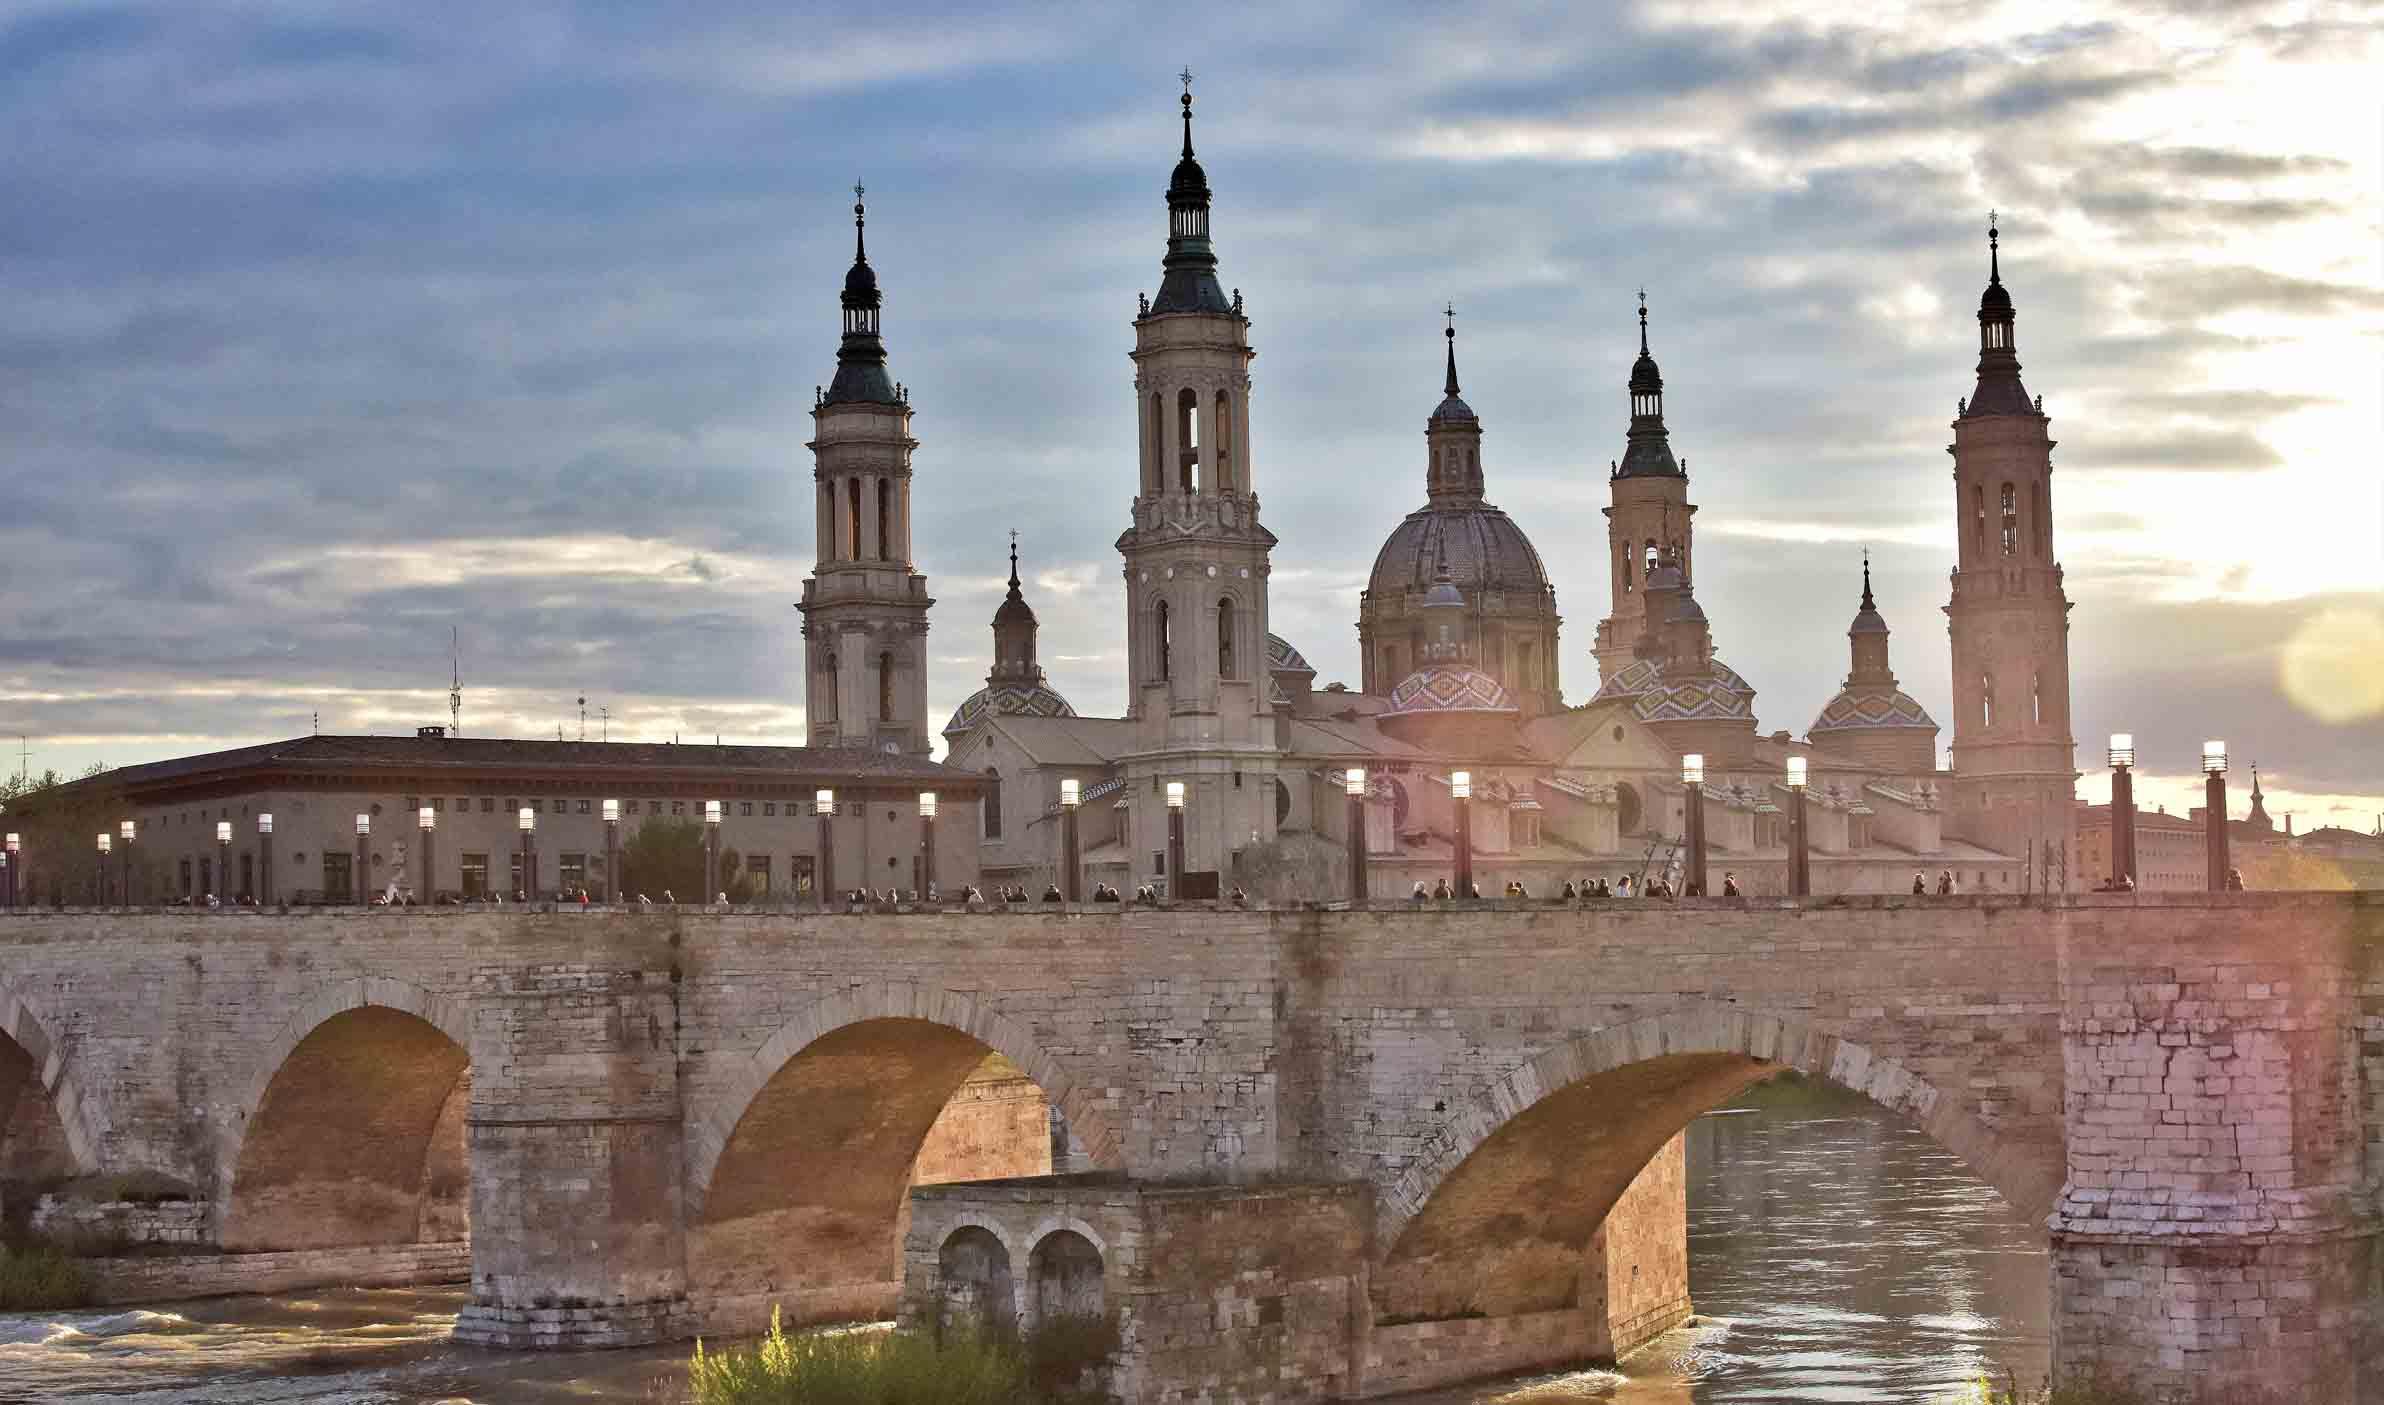 Academia oposiciones secundaria Zaragoza: elige la mejor